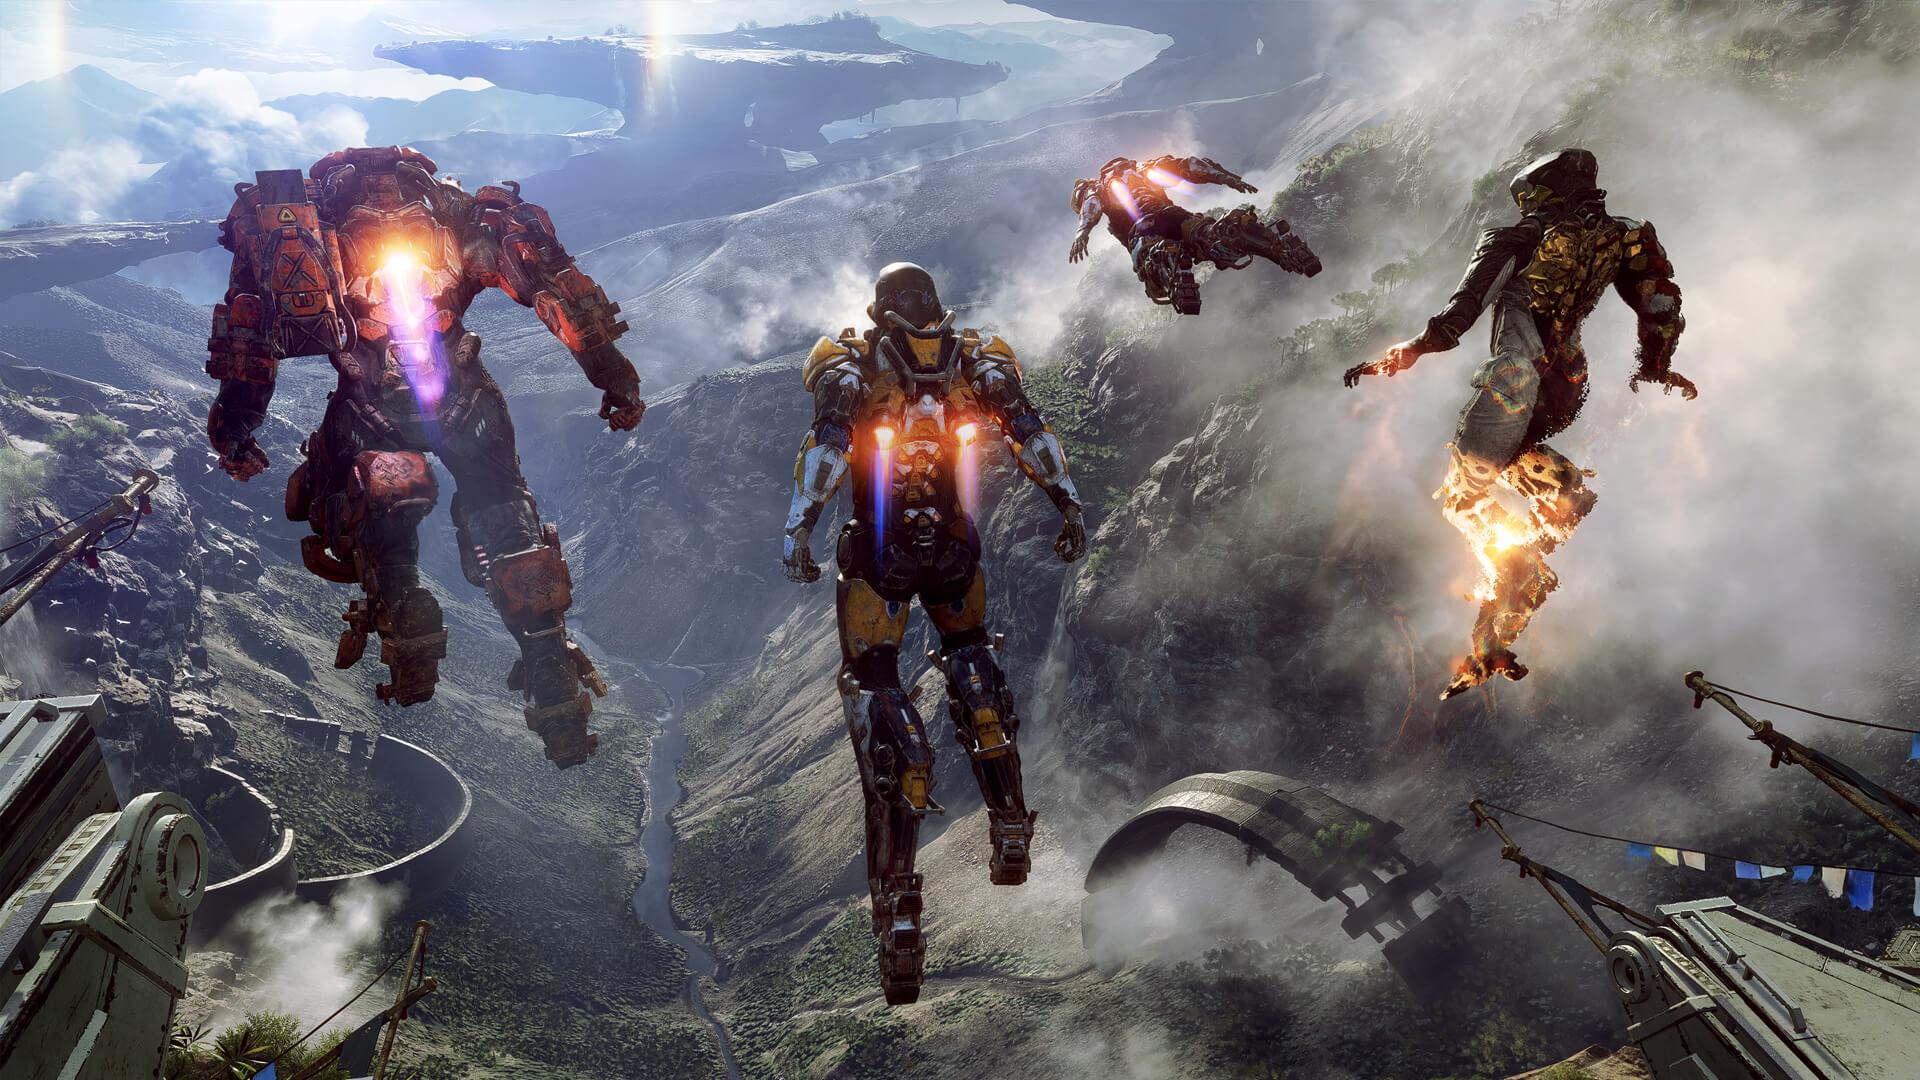 Anthem, новая интеллектуальная собственность BioWare, это «научное фэнтези» вроде Star Wars, а не научная фантастика как Mass Effect. Так игру оценивает сотрудник BioWare Аарин Флинн (Aaryn Flynn) в интервью CBC. […]